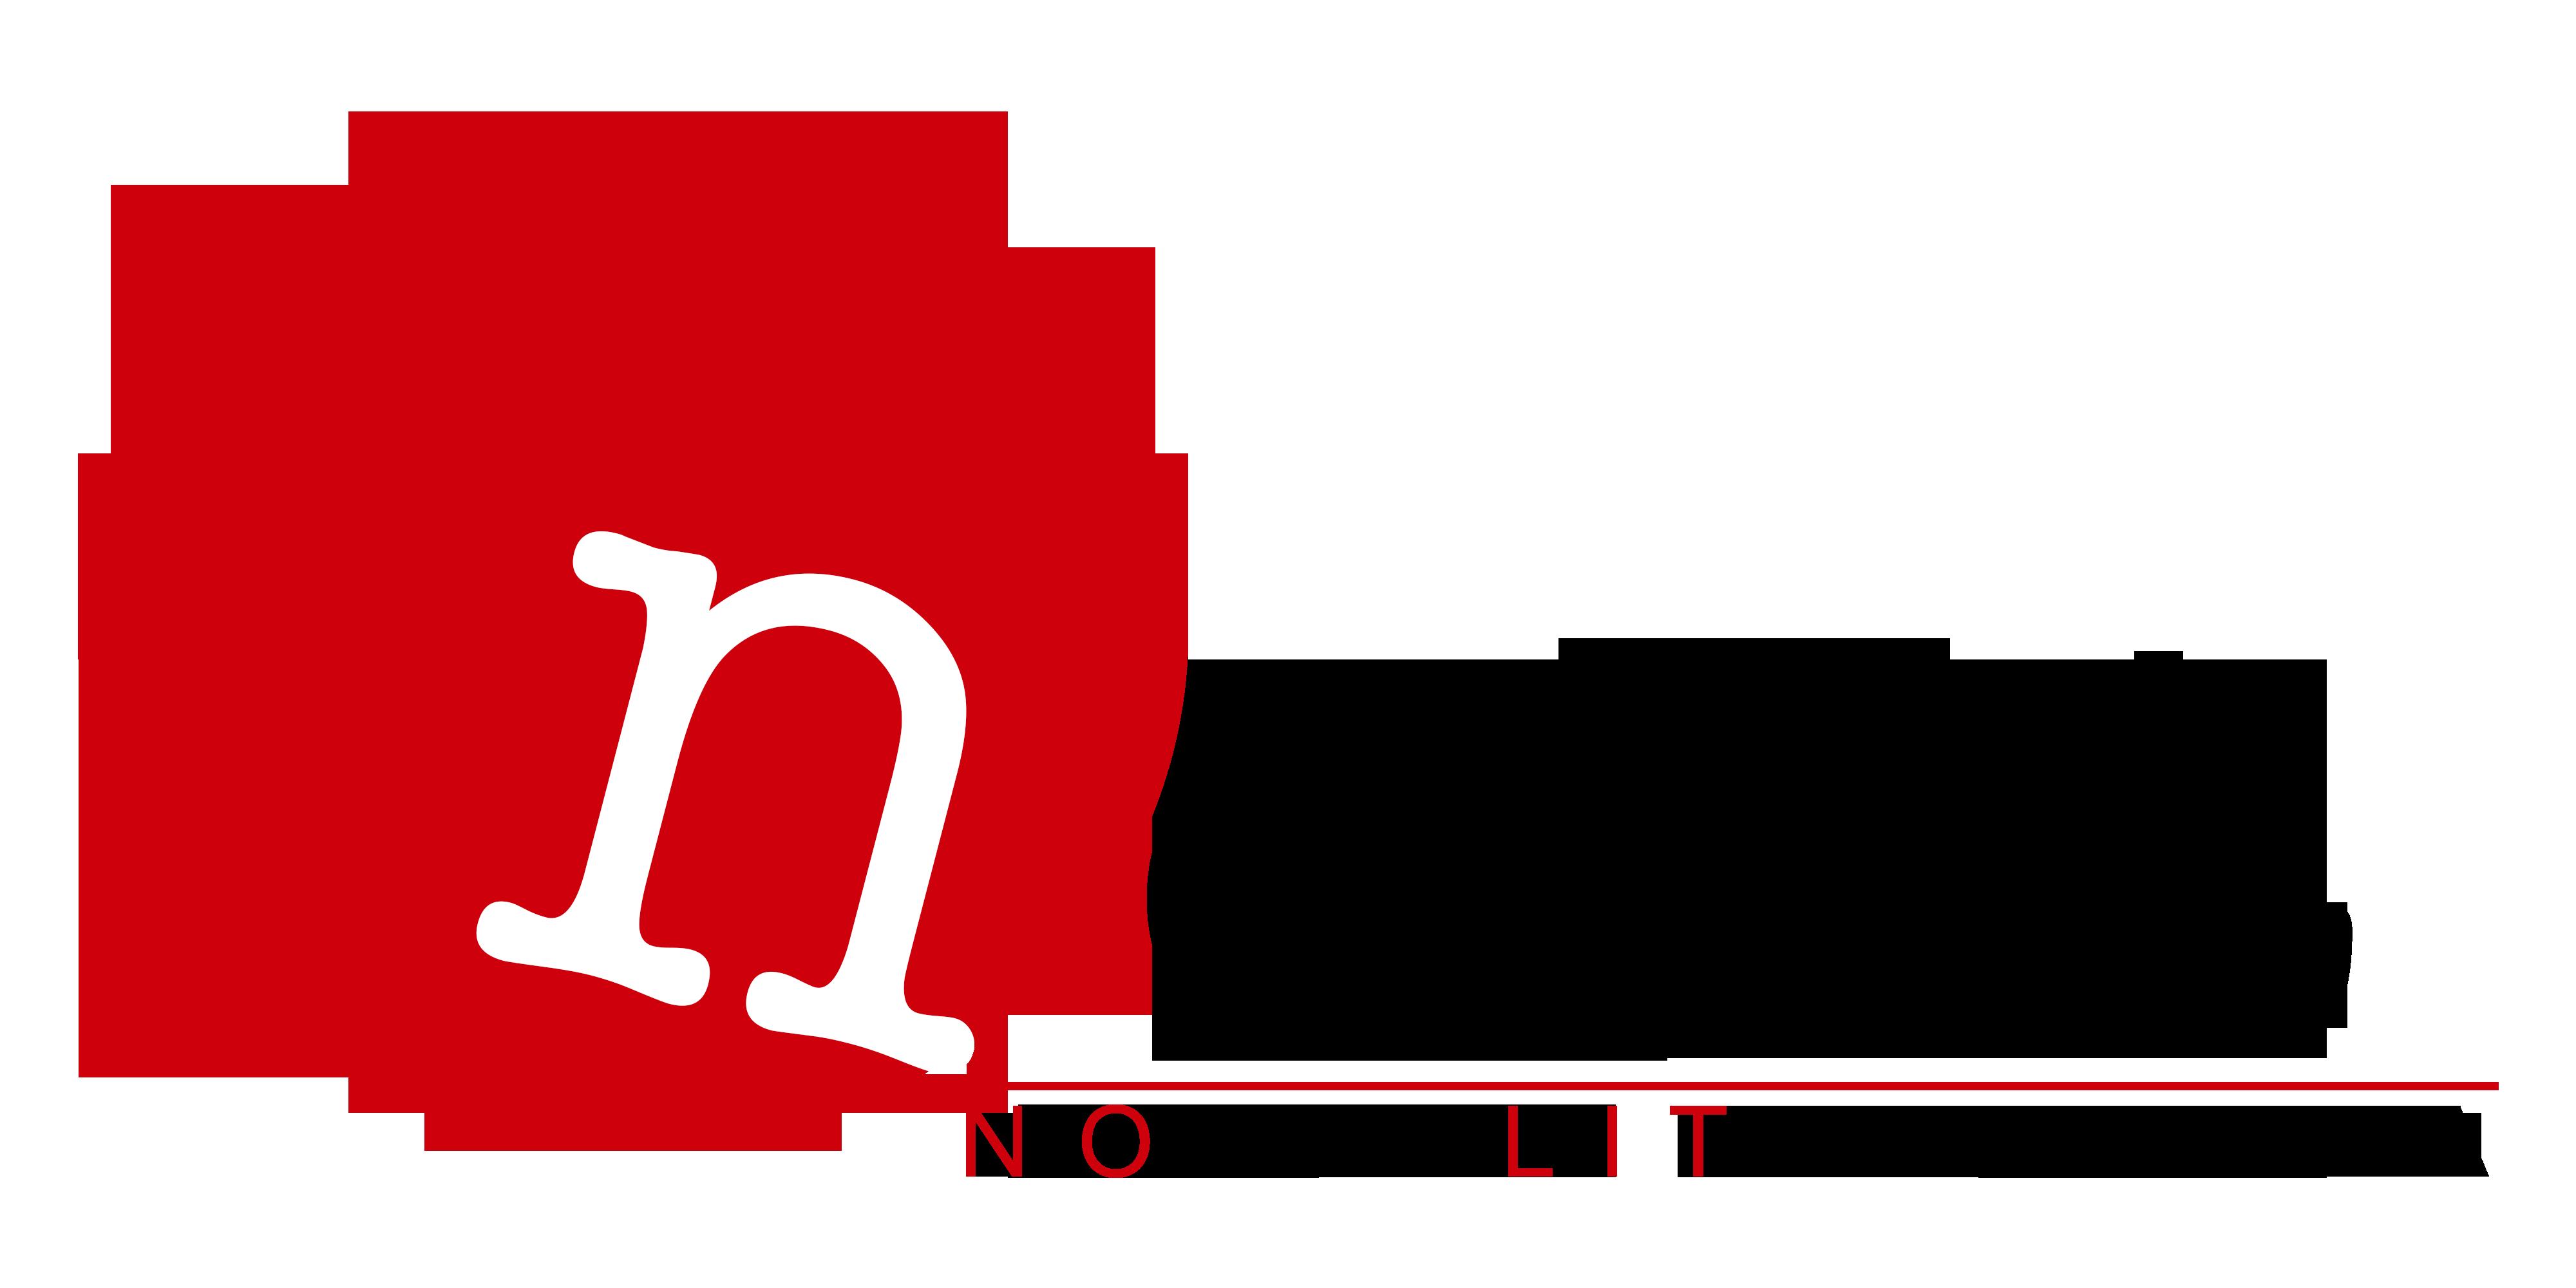 Nolit